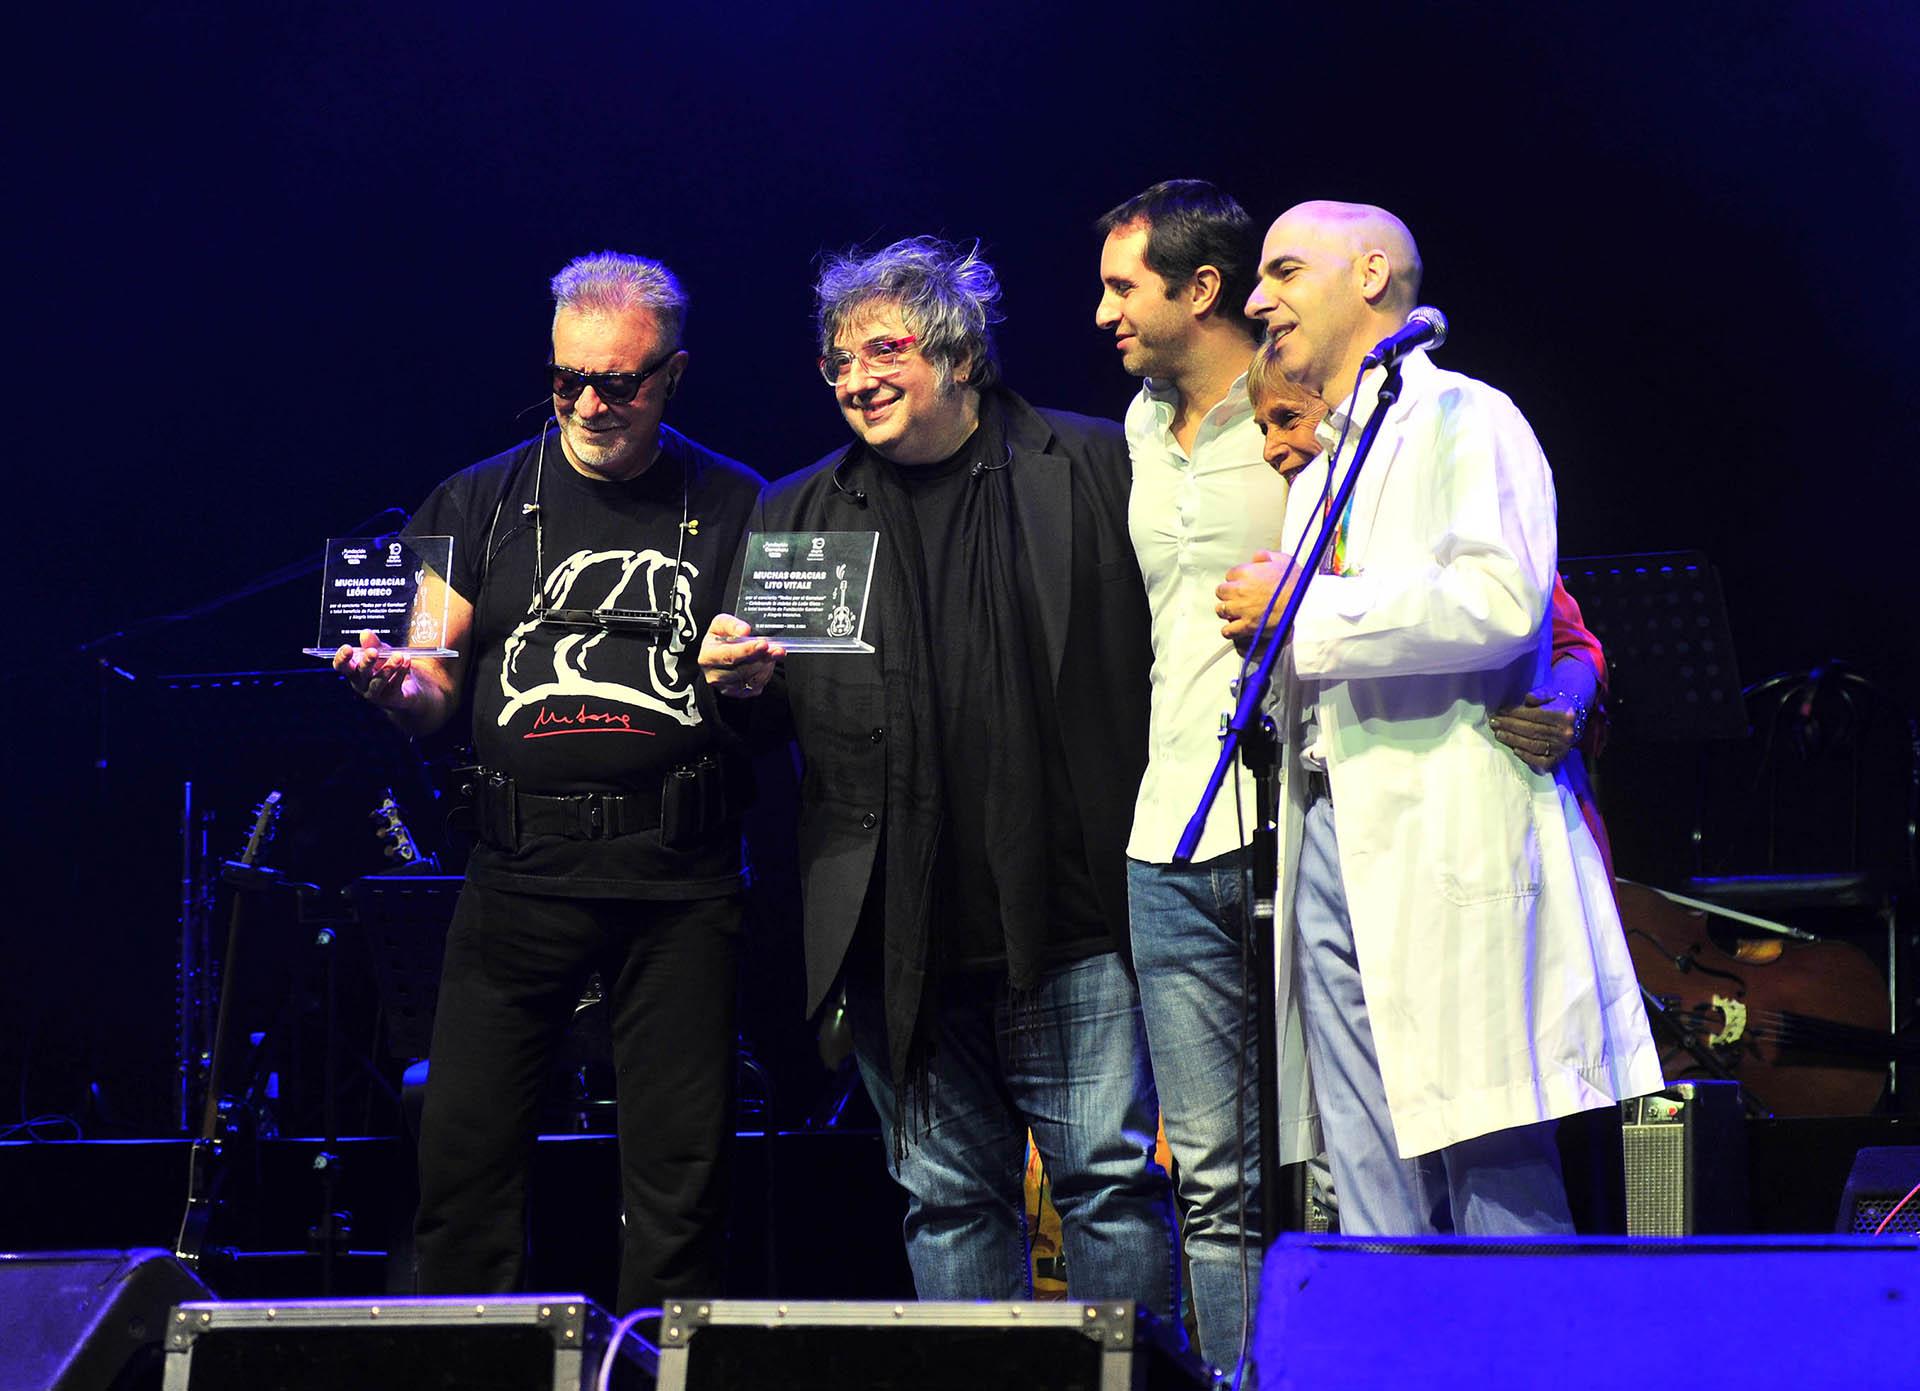 León Gieco y Lito Vitale recibieron sus premios por parte del equipo de Casa Garrahan